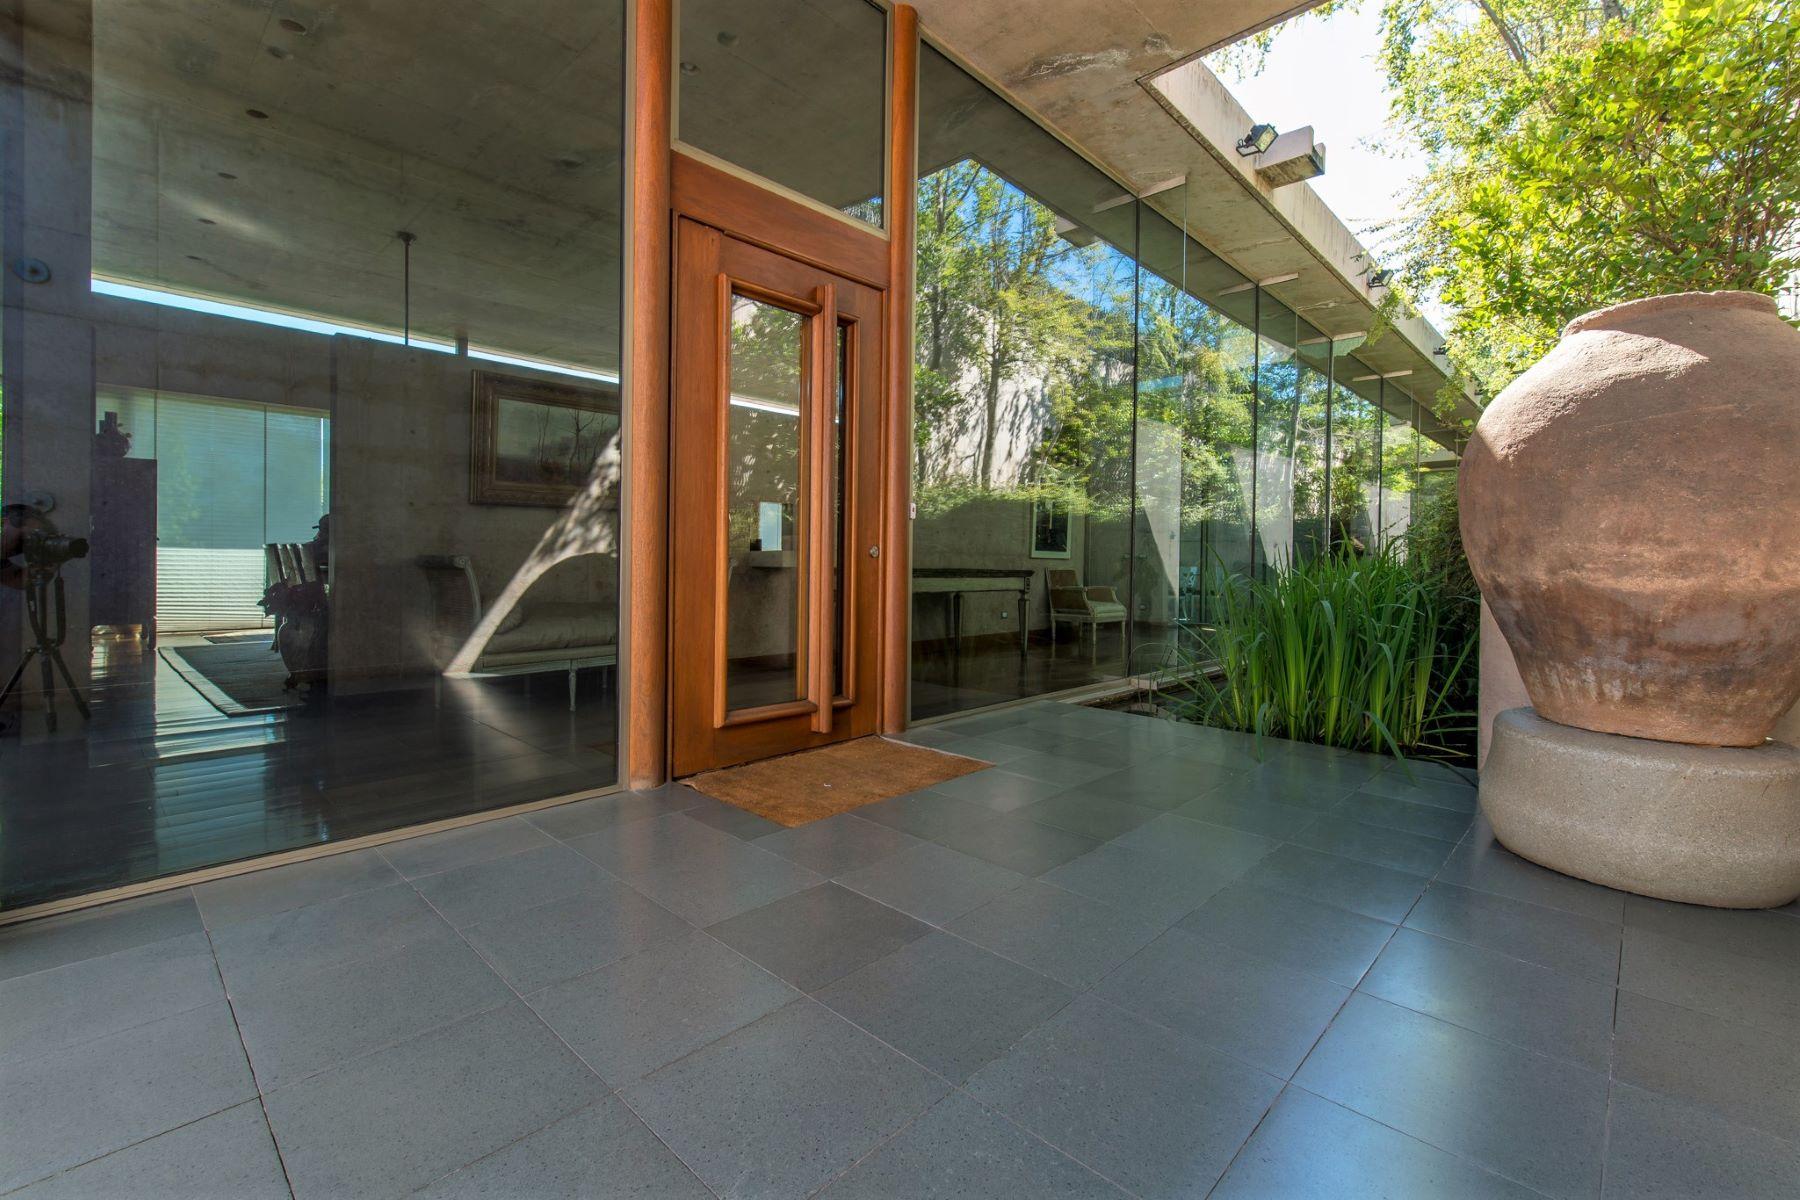 Casa Unifamiliar por un Venta en Excepcional propiedad de diseño arquitectónico único y exclusivo - La Dehesa Lo Barnechea, Santiago, Region Metropolitana De Santiago Chile